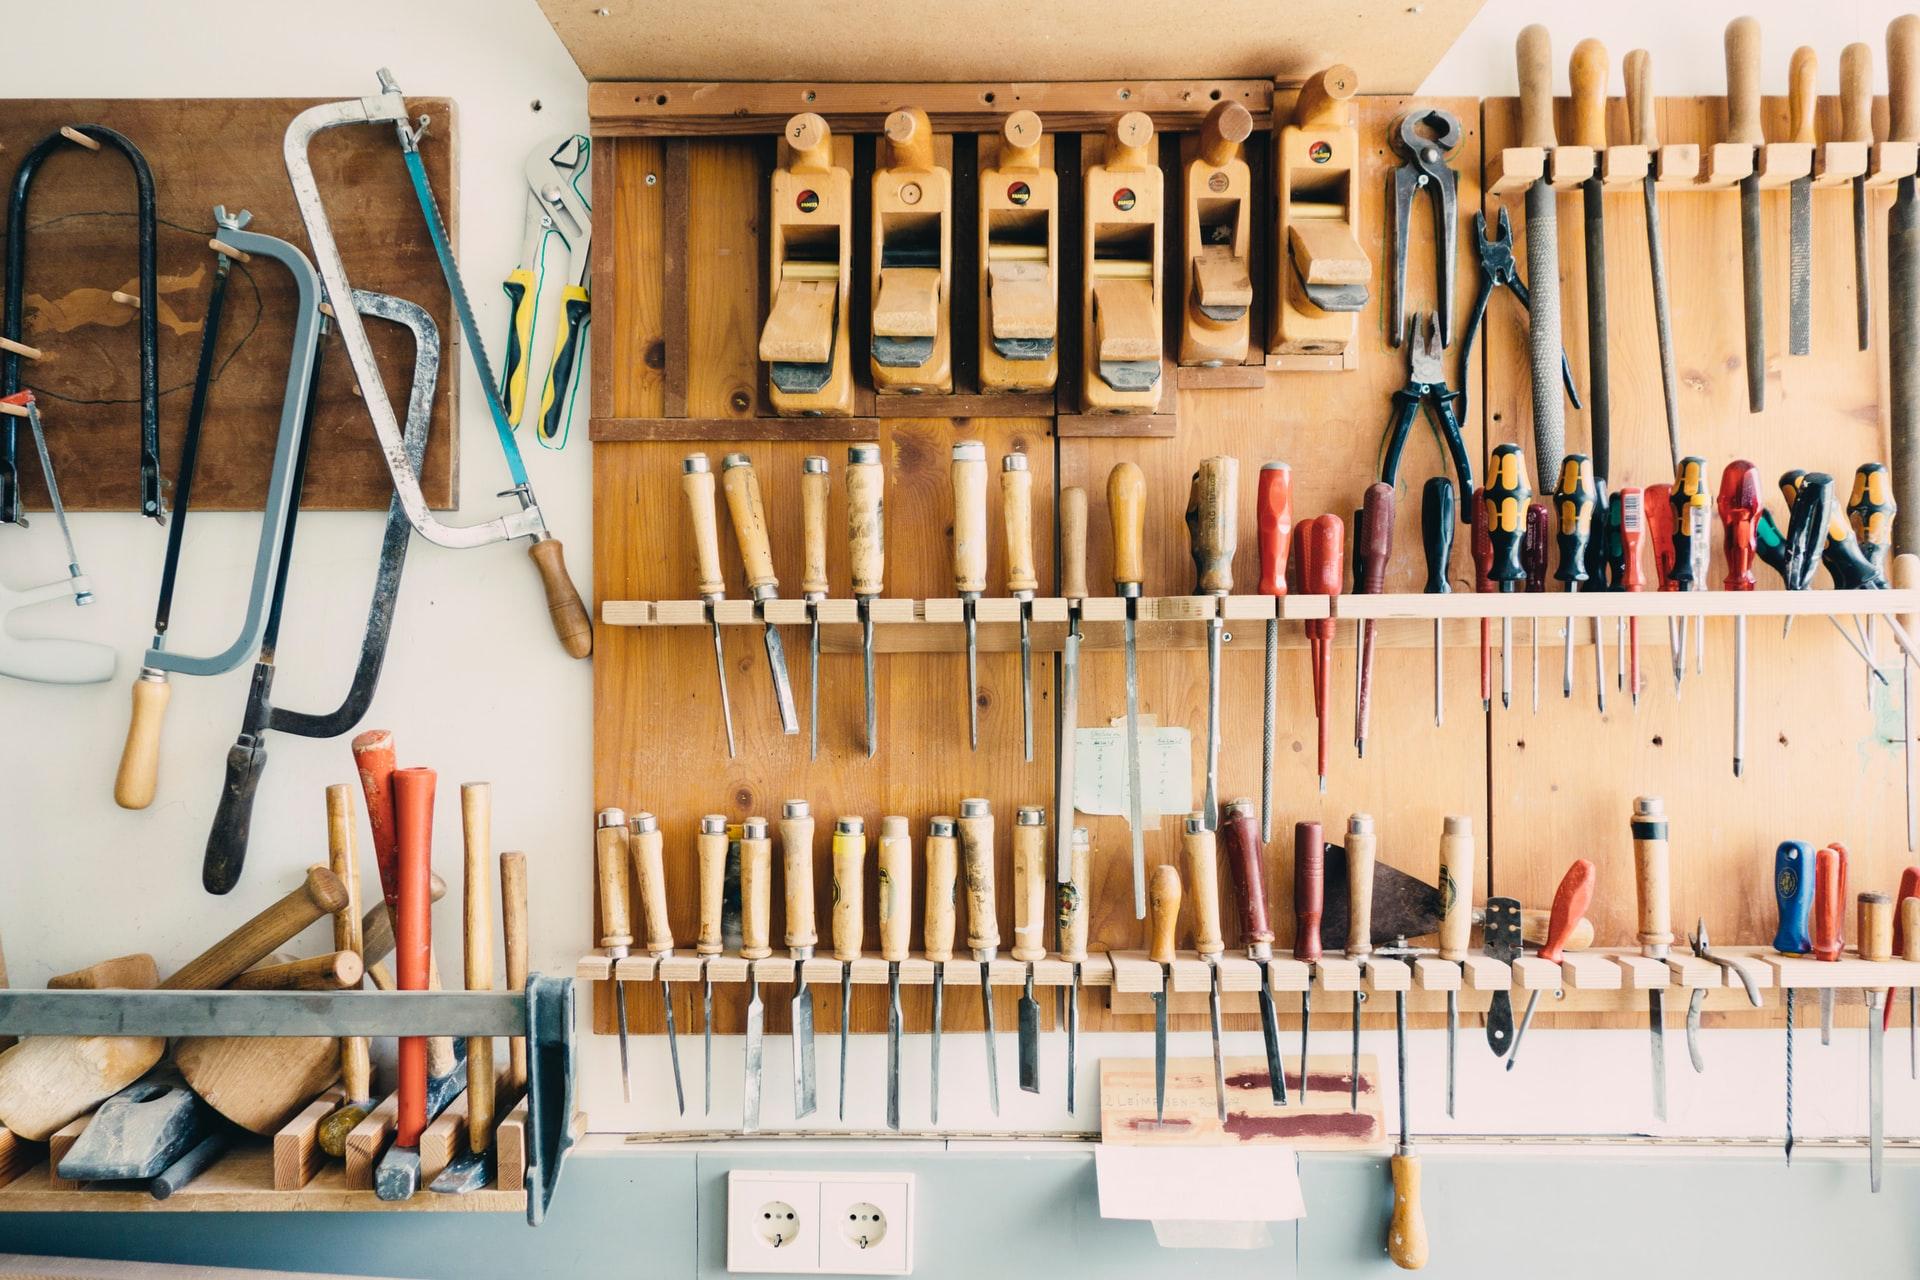 50代の転職活動はツールを使って効率化!【50代の中年男性でも使いこなせます!】